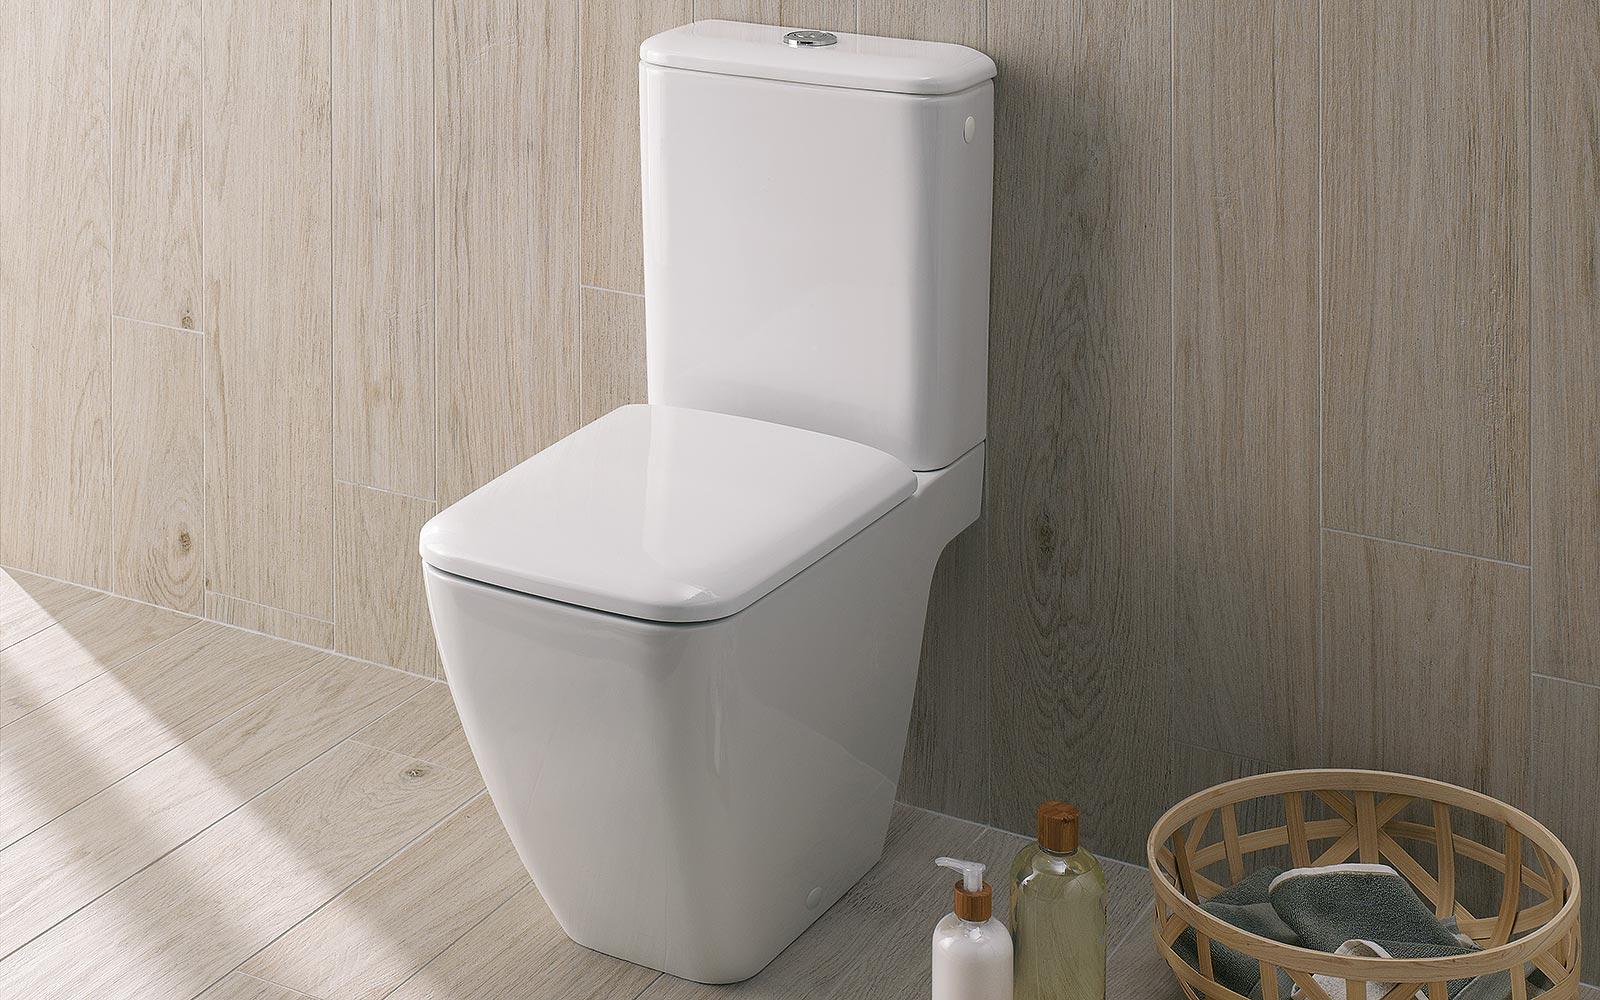 Devis peinture wc toilettes paris entreprise de peinture paris for Peinture pour toilette